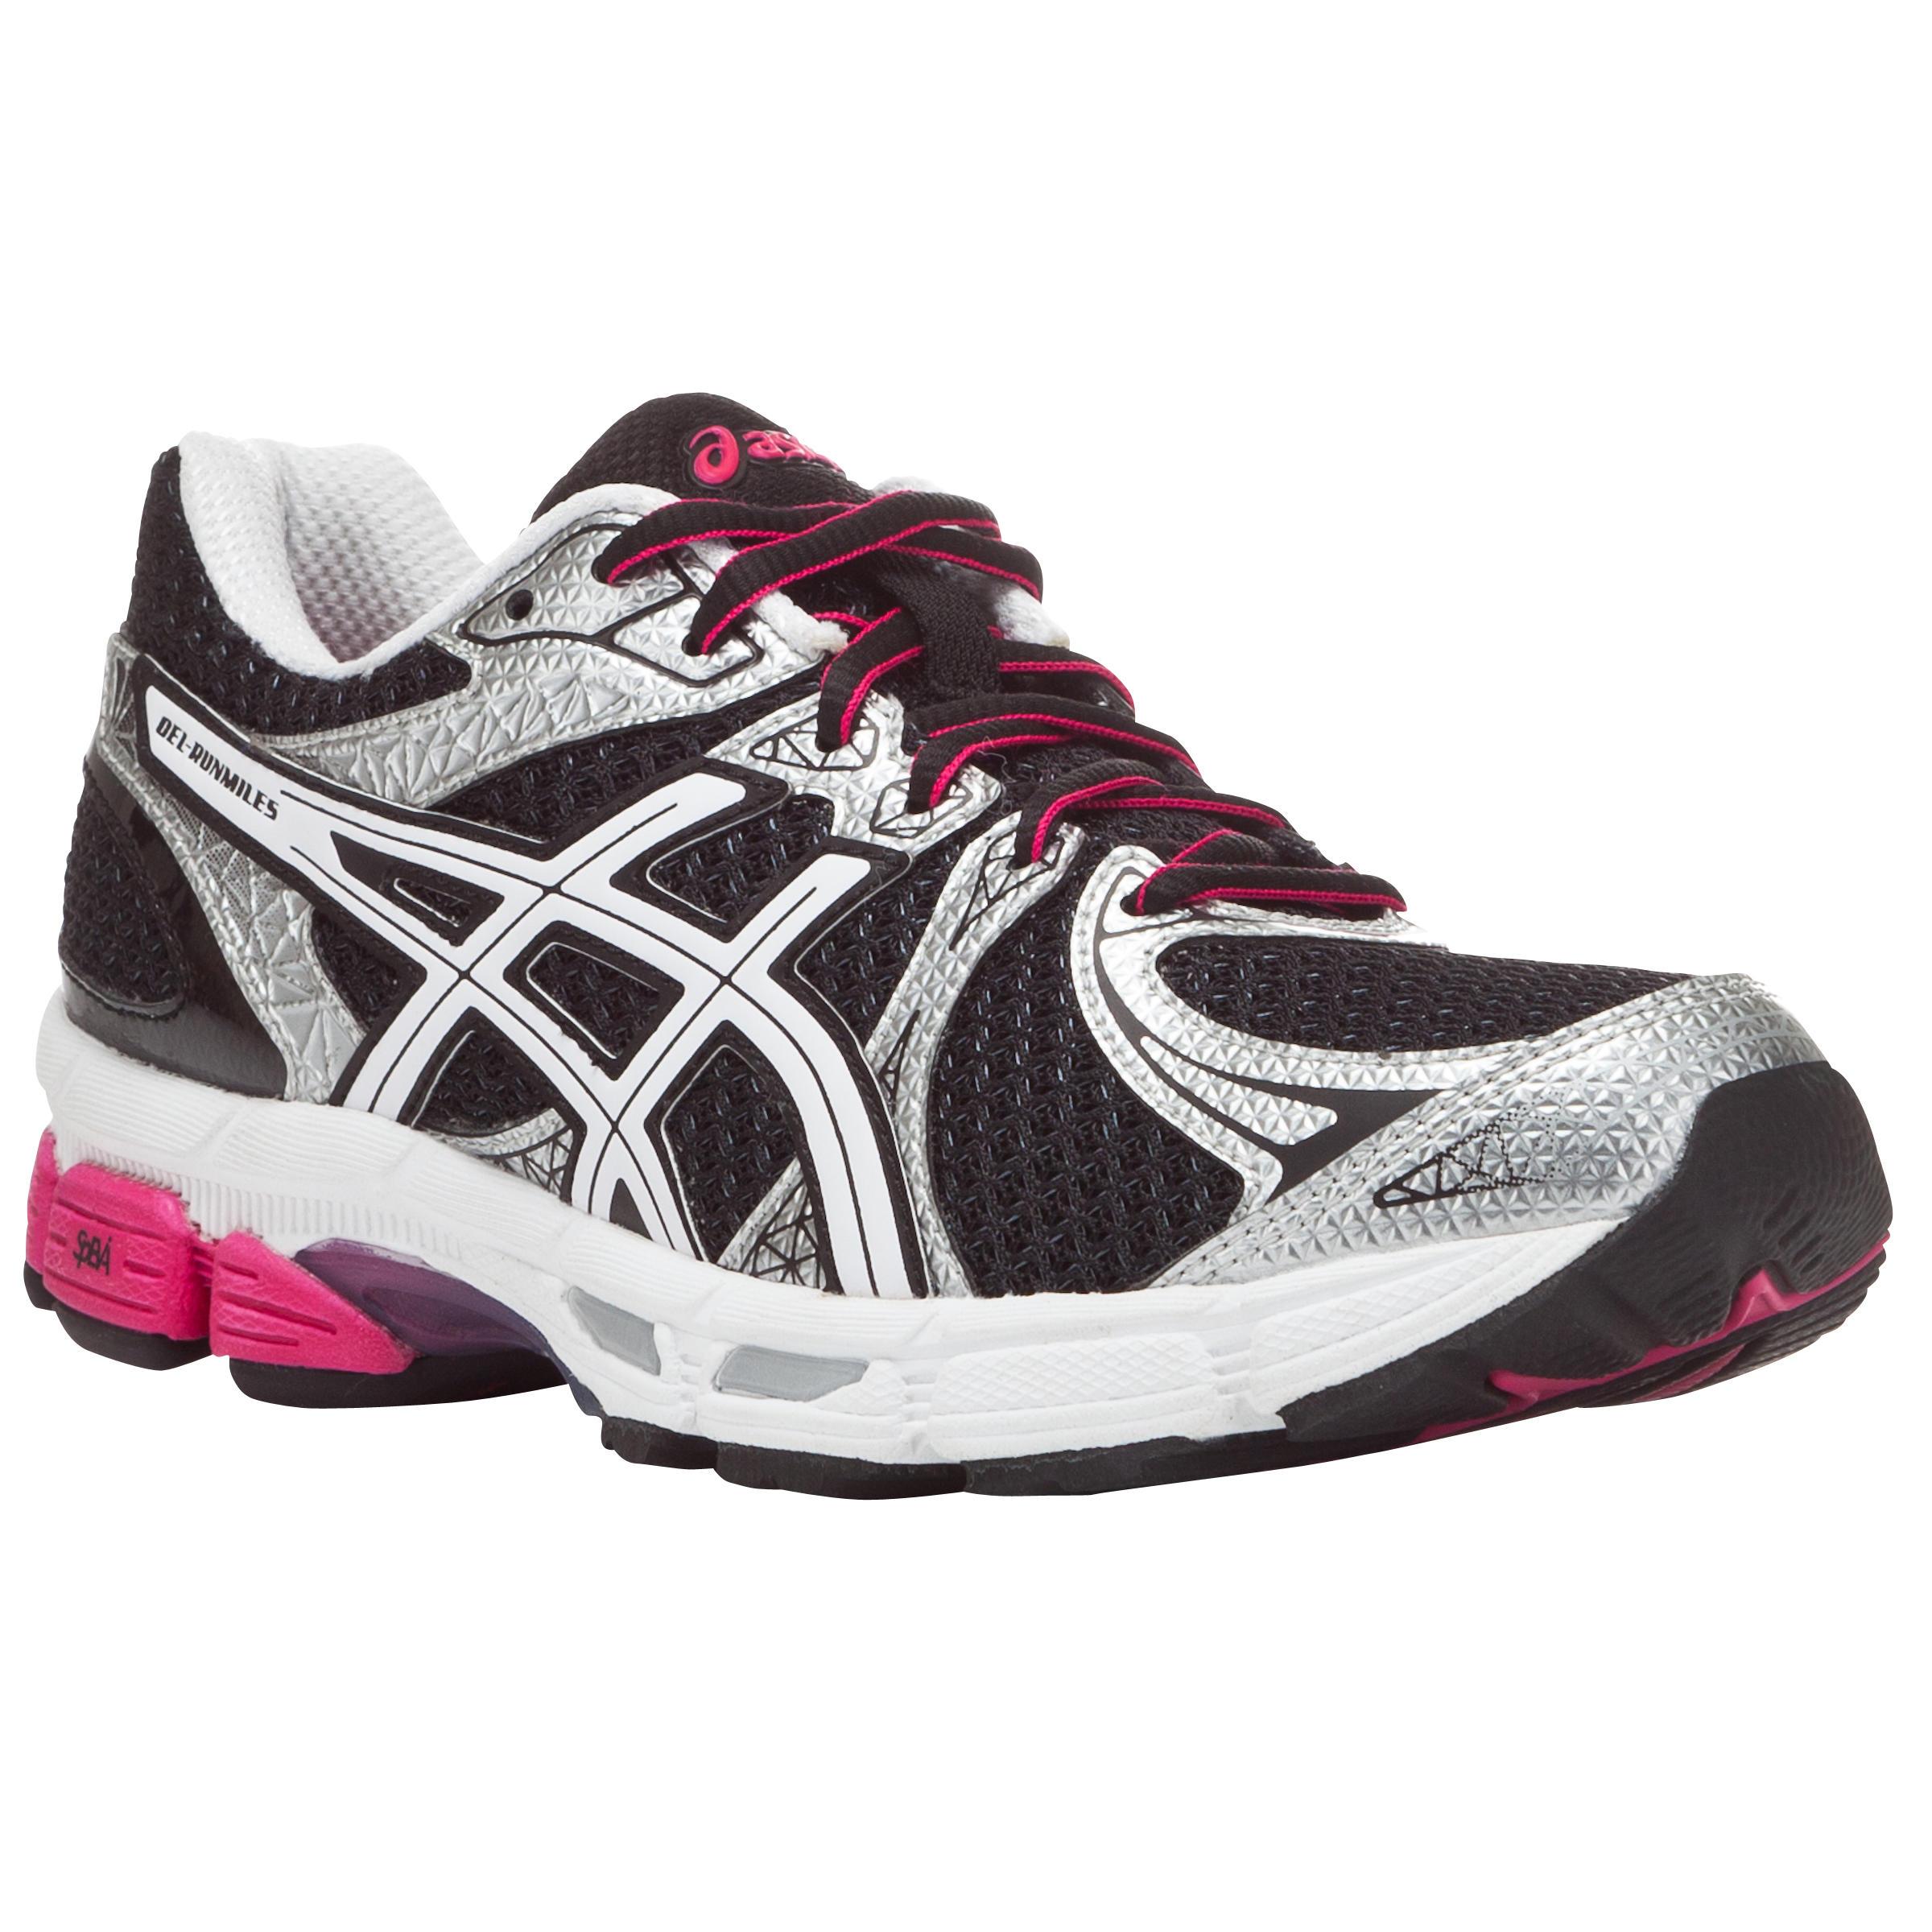 Running Gel Mn0vo8wn Femme Runmiles Chaussures Asics bgYv7f6y